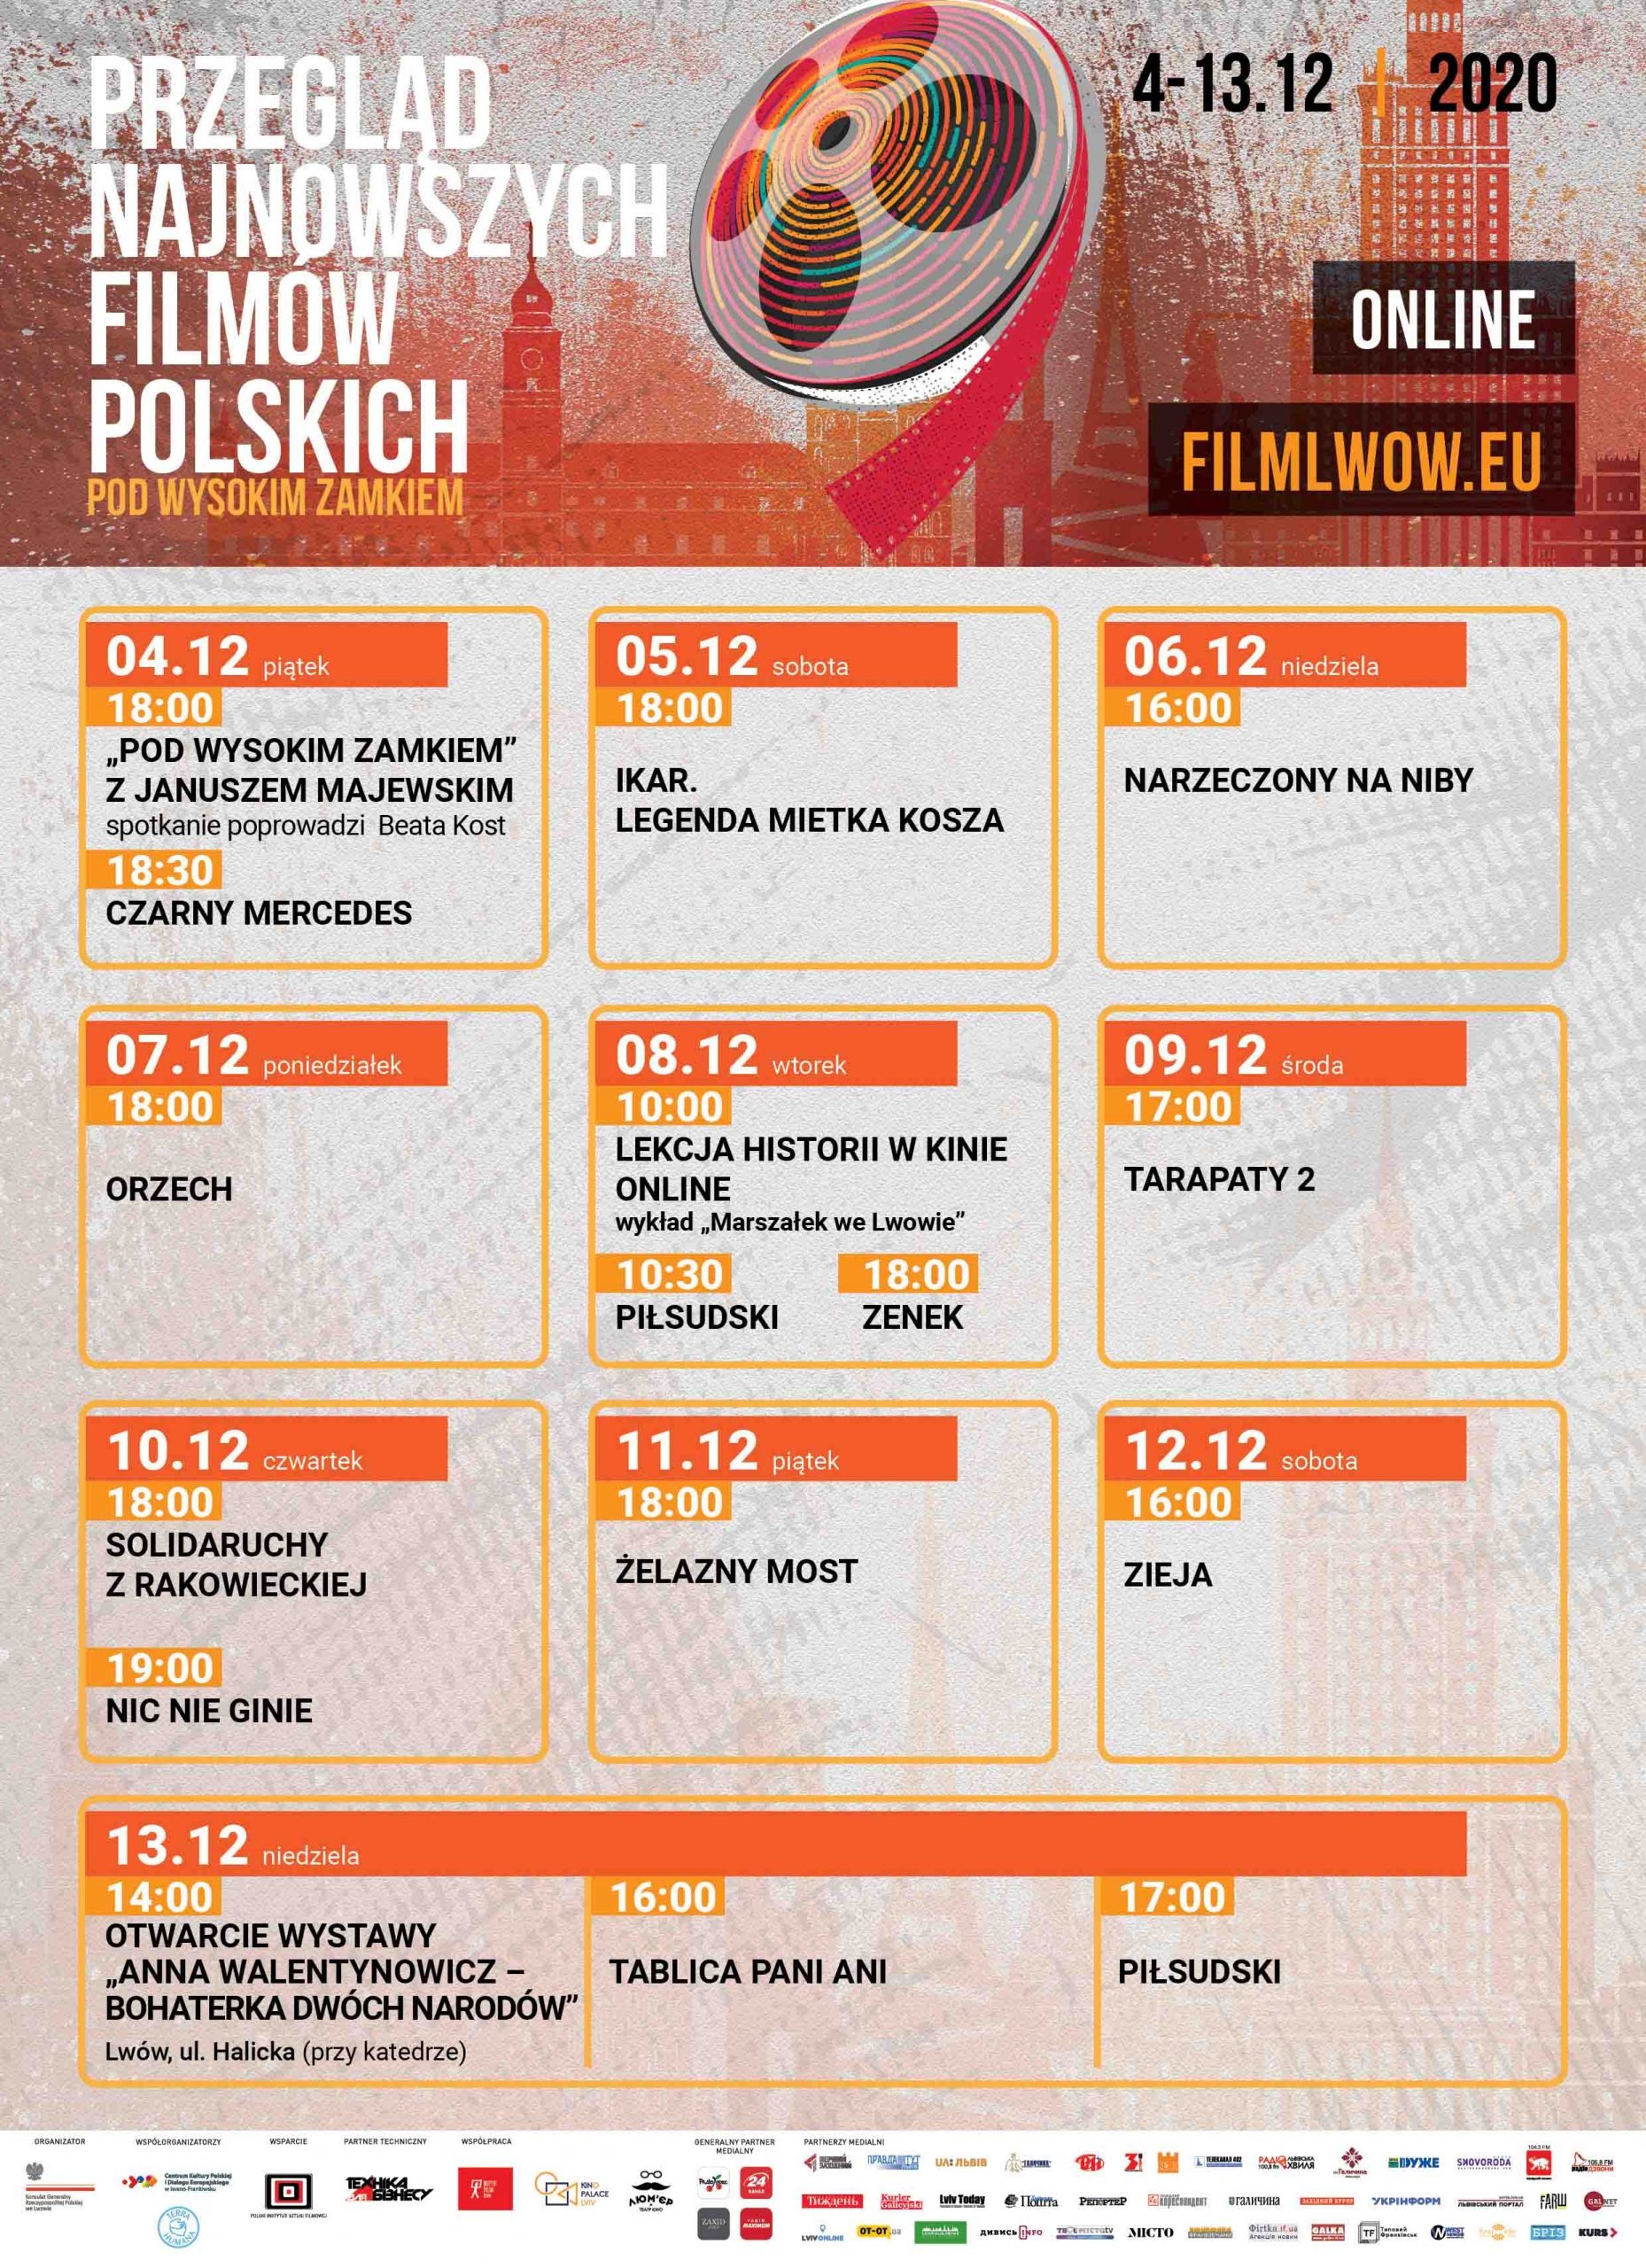 """Przegląd Najnowszych Filmów Polskich """"Pod Wysokim Zamkiem"""". Edycja 2020"""